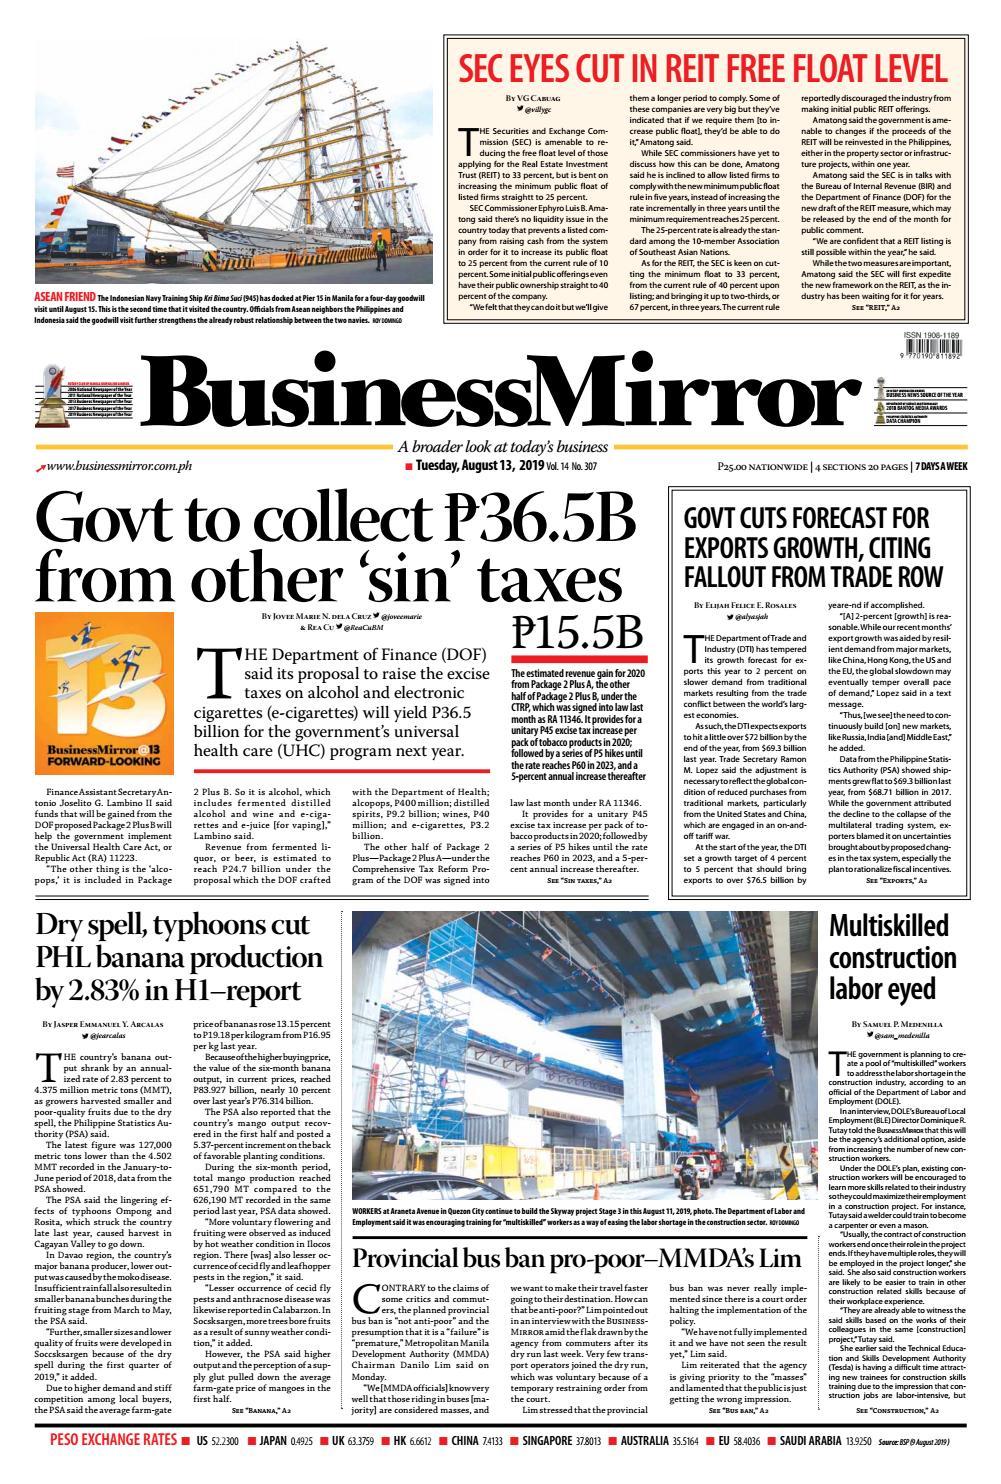 BusinessMirror August 13, 2019 by BusinessMirror - issuu